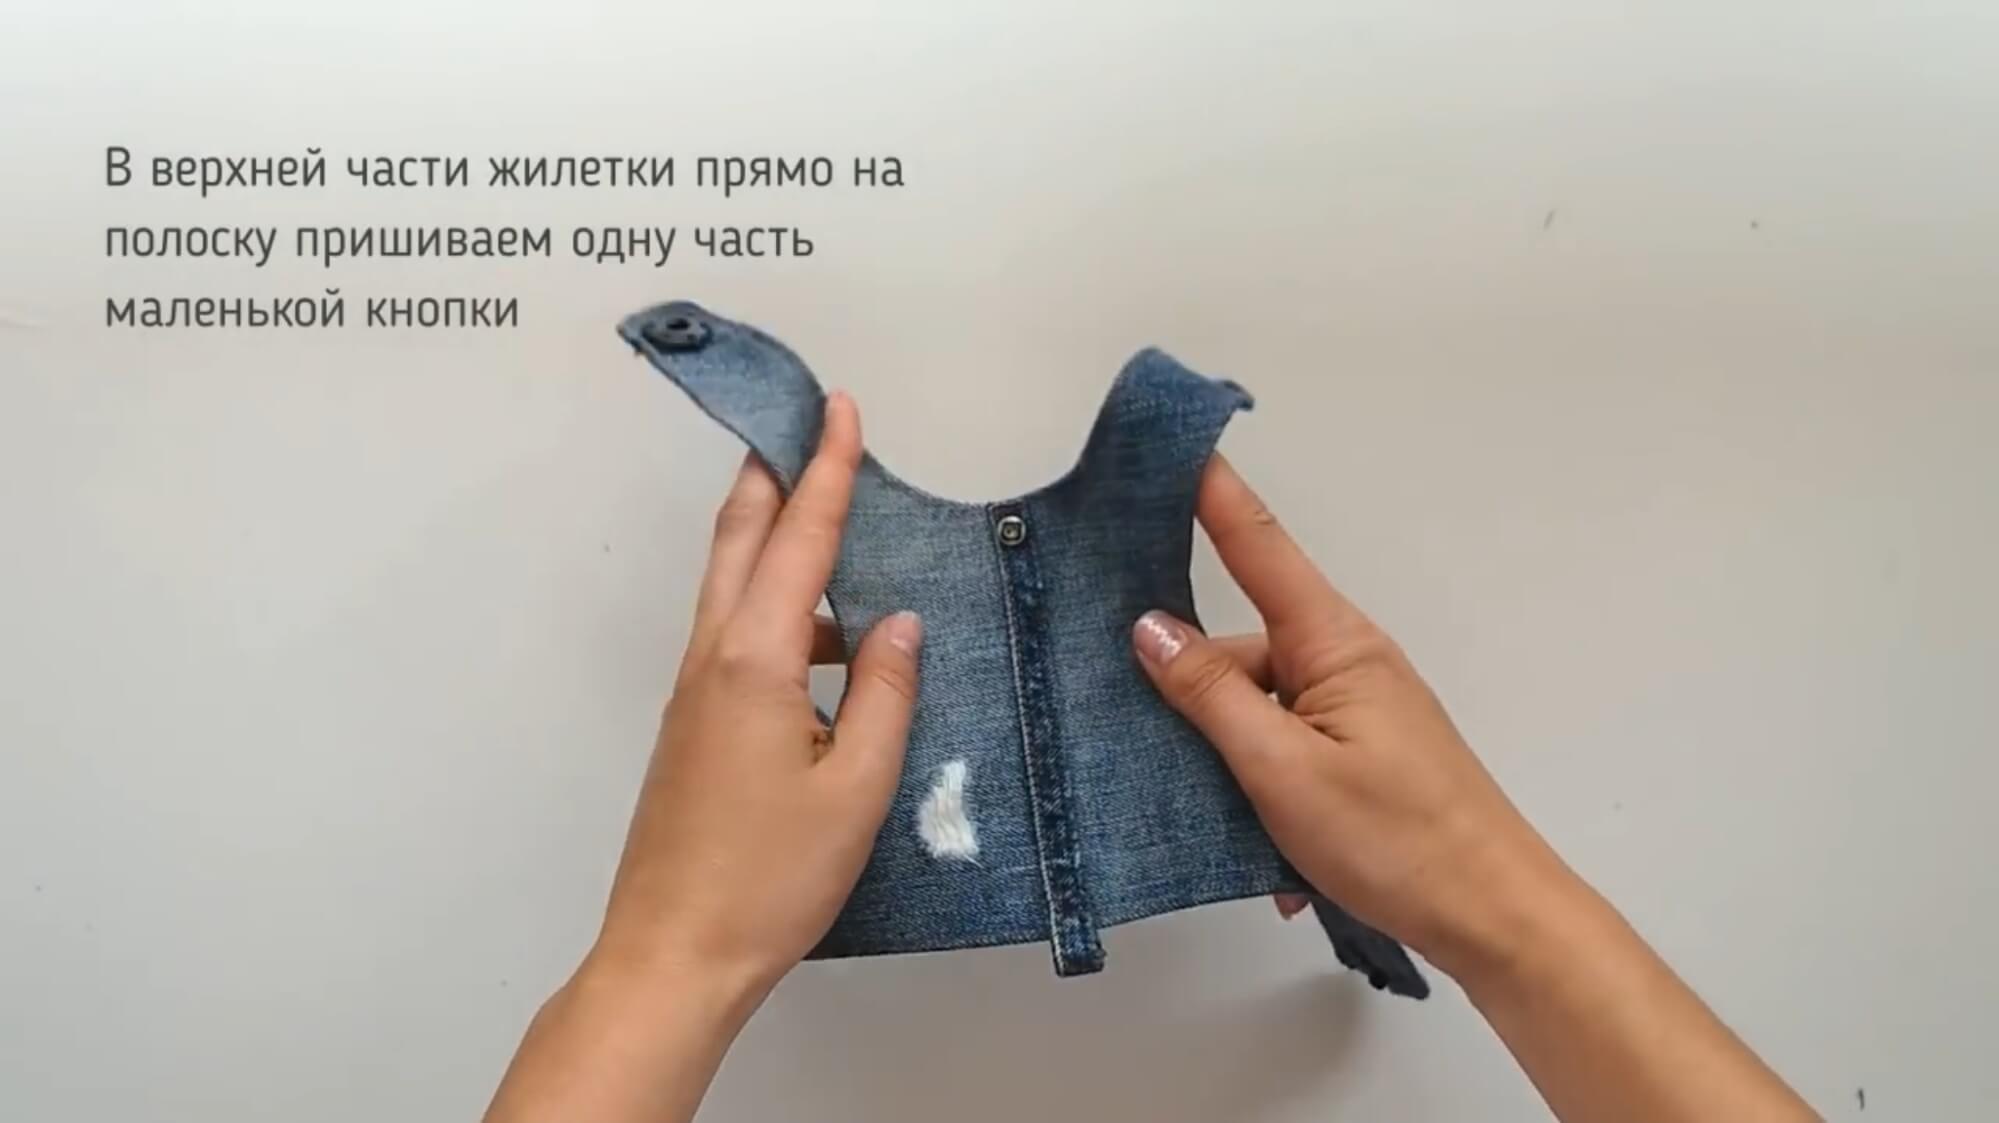 Сшить жилетку своими руками фото